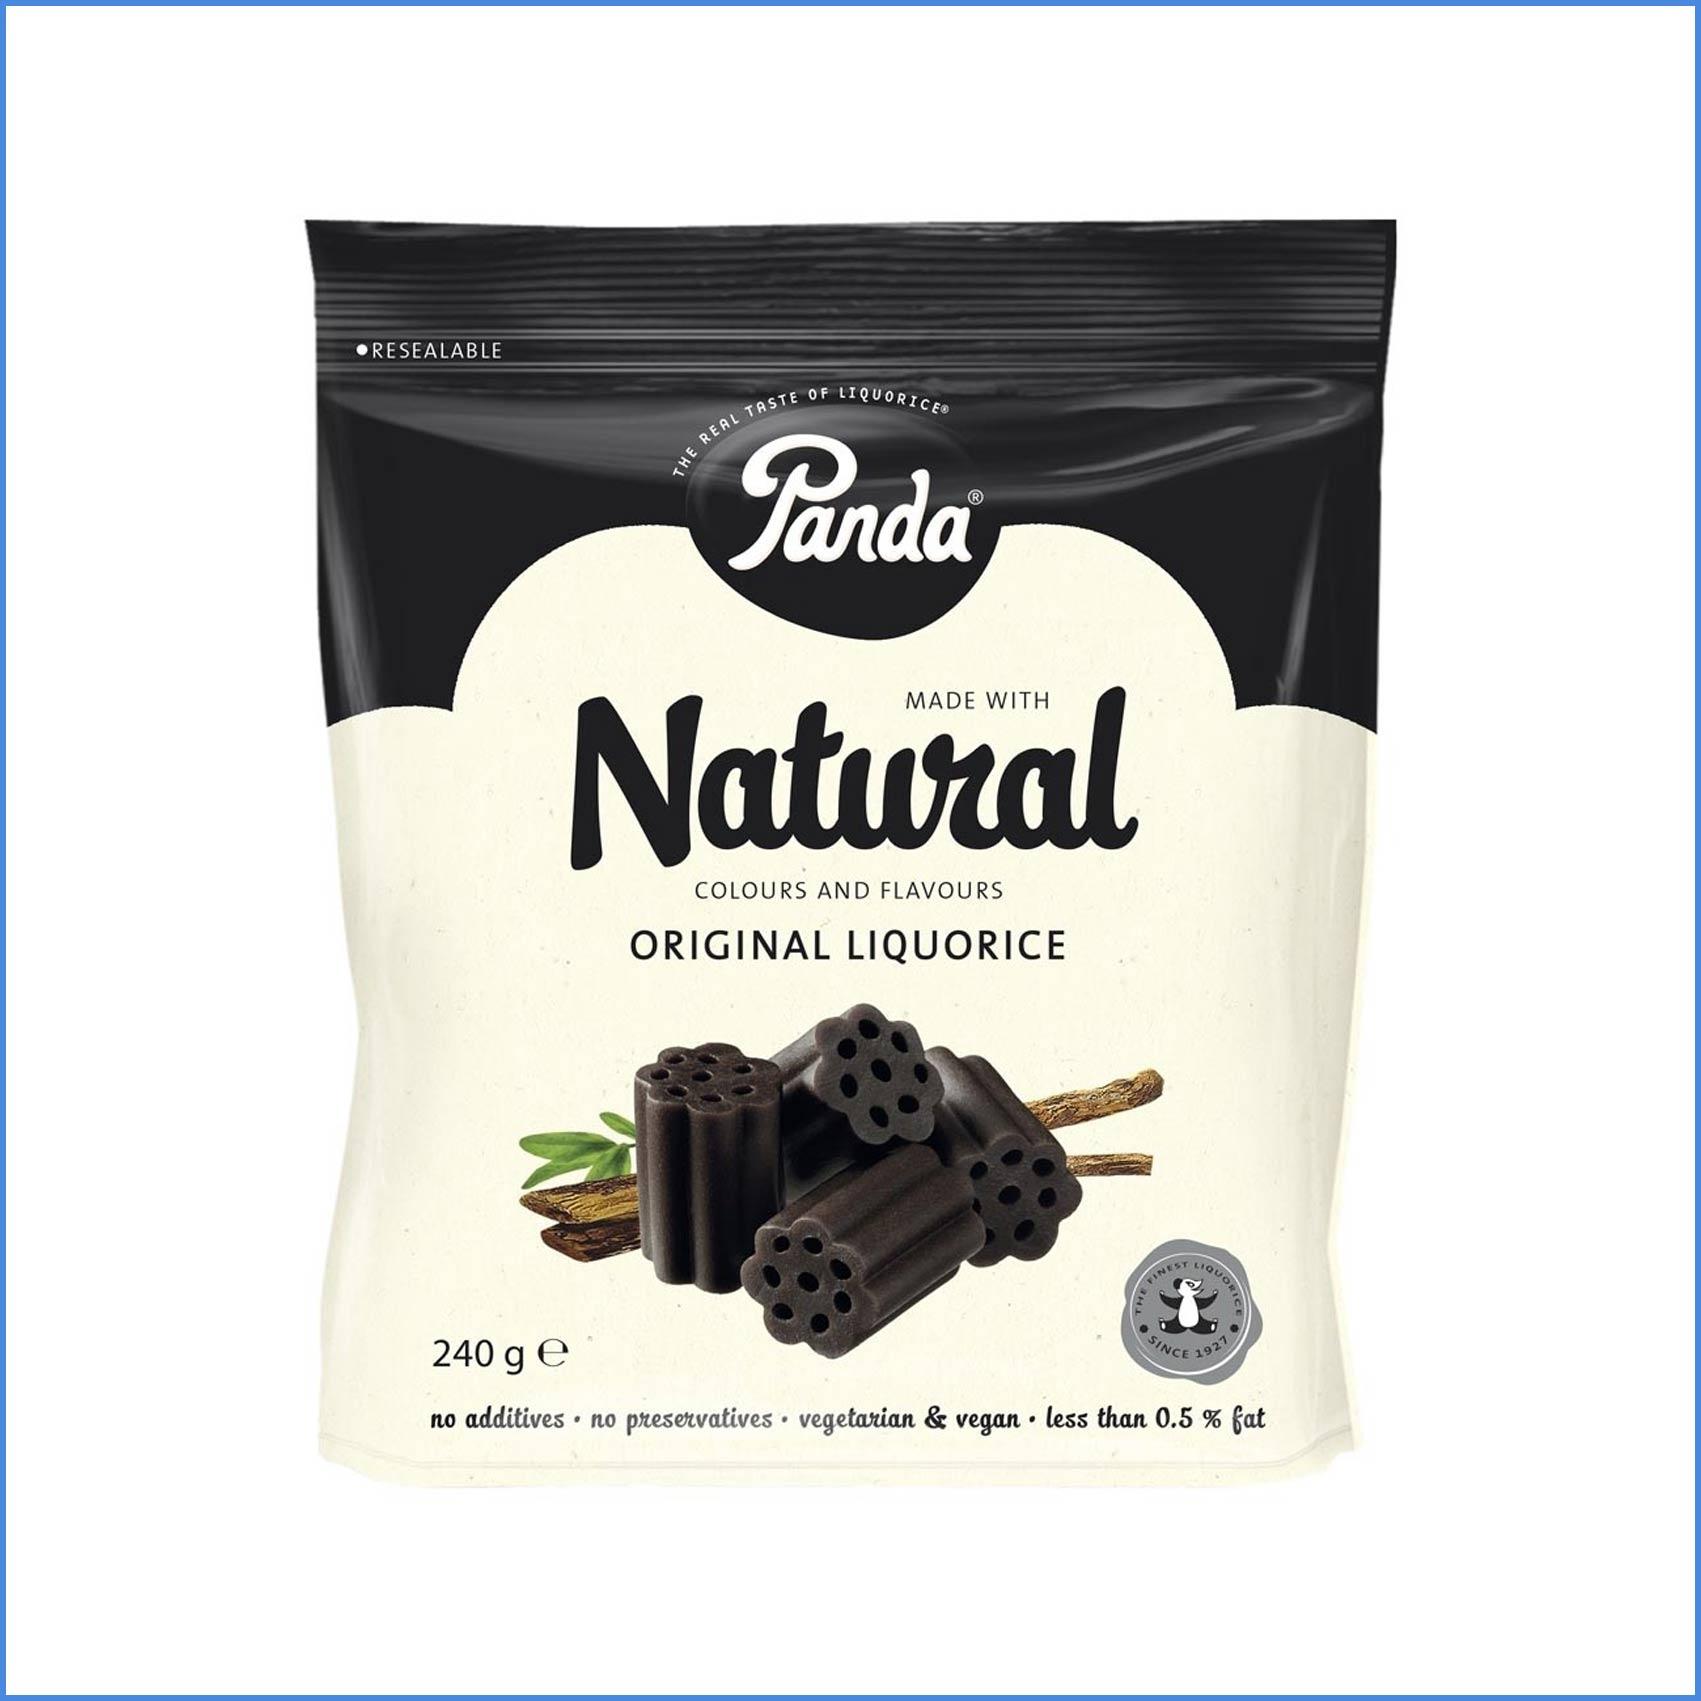 Panda Natural Original Liquorice